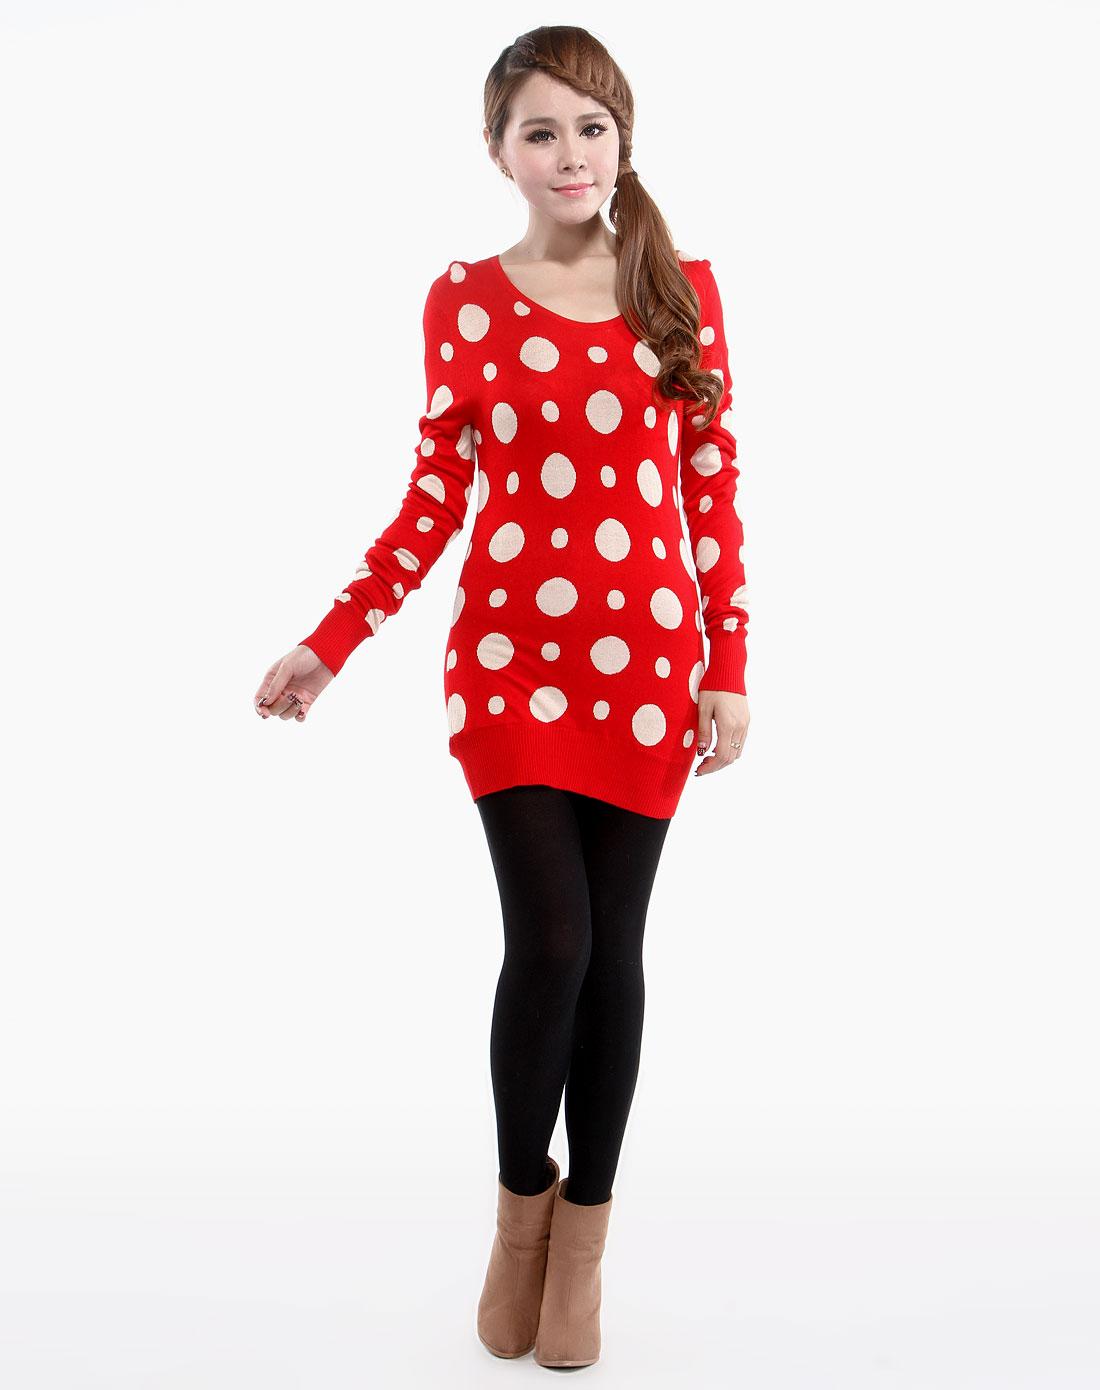 圆领大小圆圈红底米色长袖毛衫